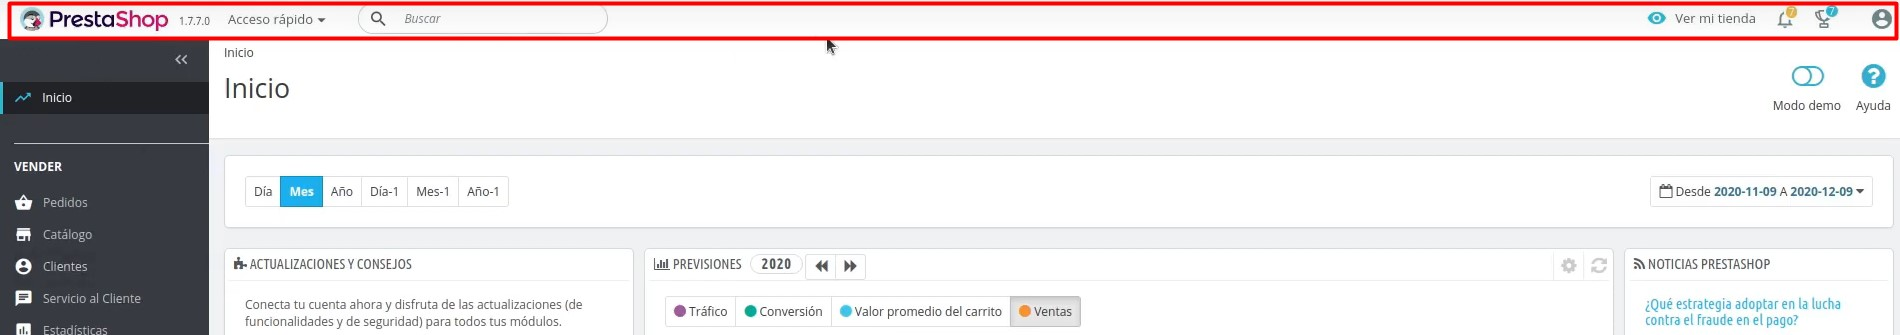 Menú superior del BackOffice de PRestaShop 1.7.7